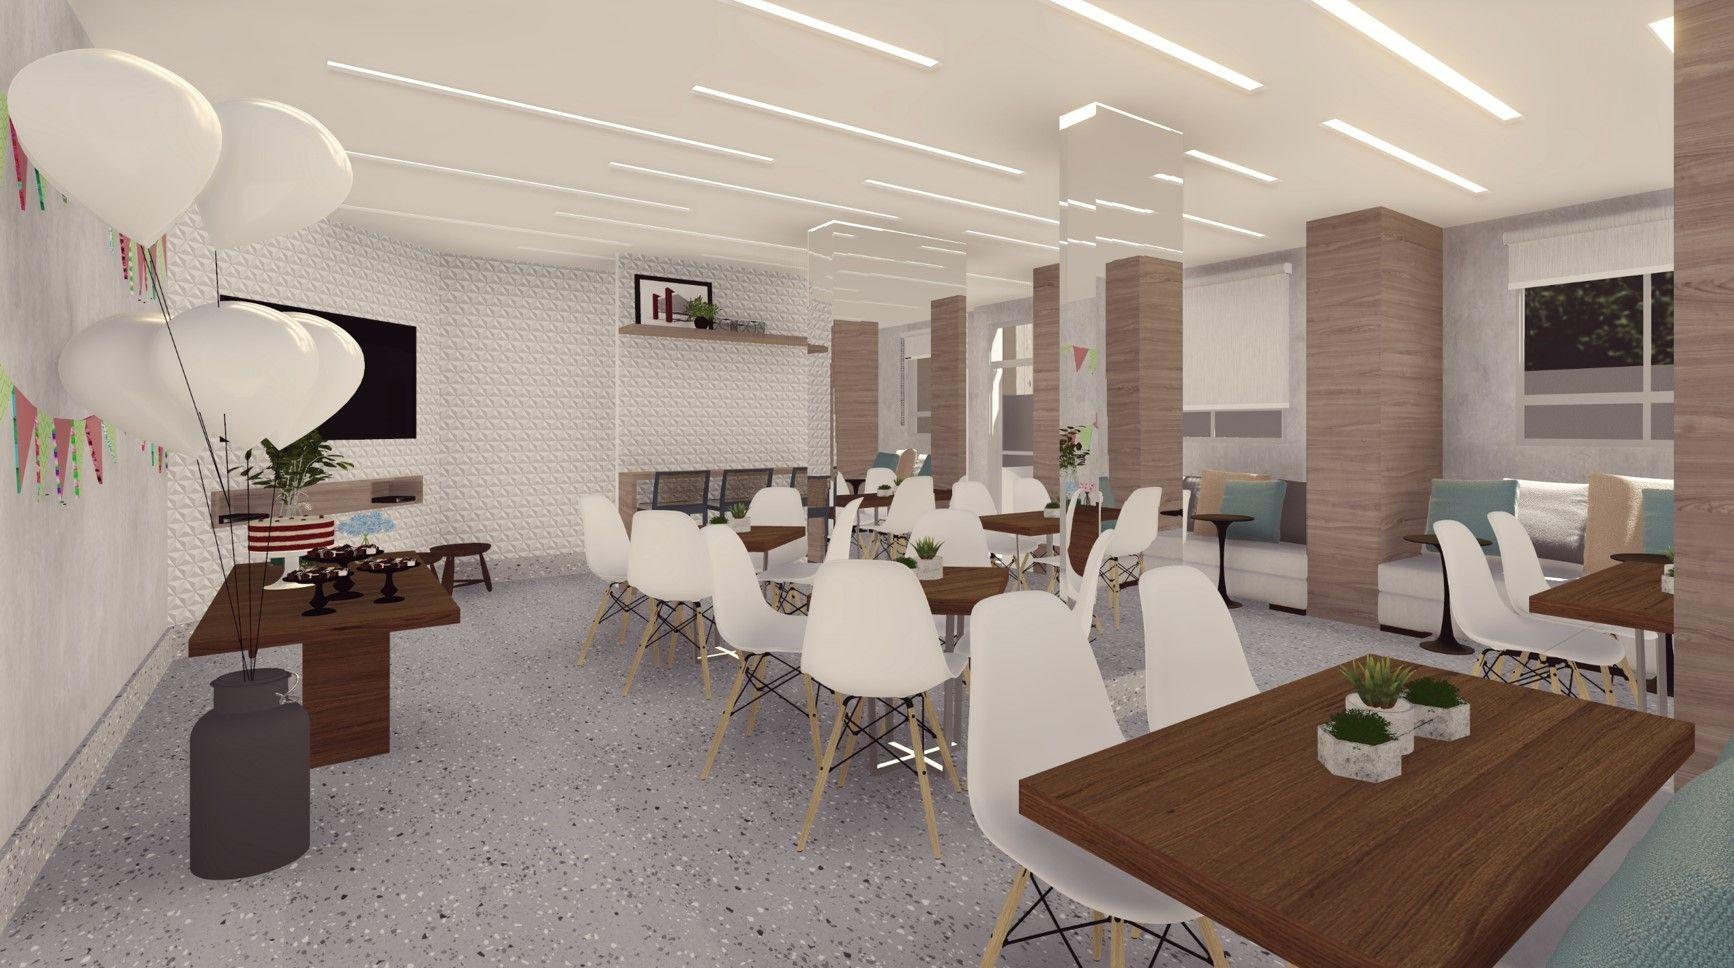 Salão de festa de um prédio, com mesas e cadeiras.